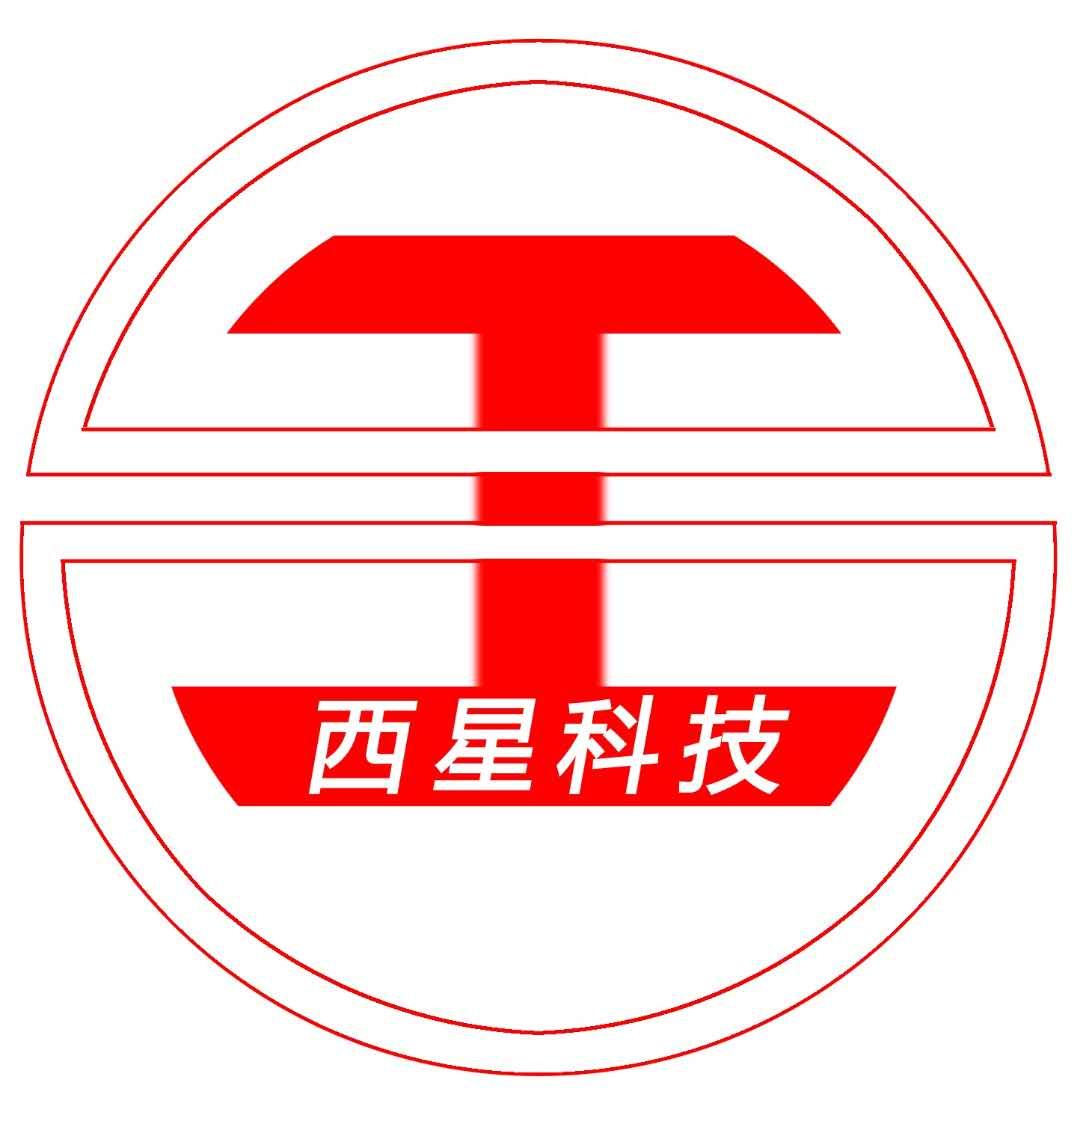 北京西星光電科技有限公司